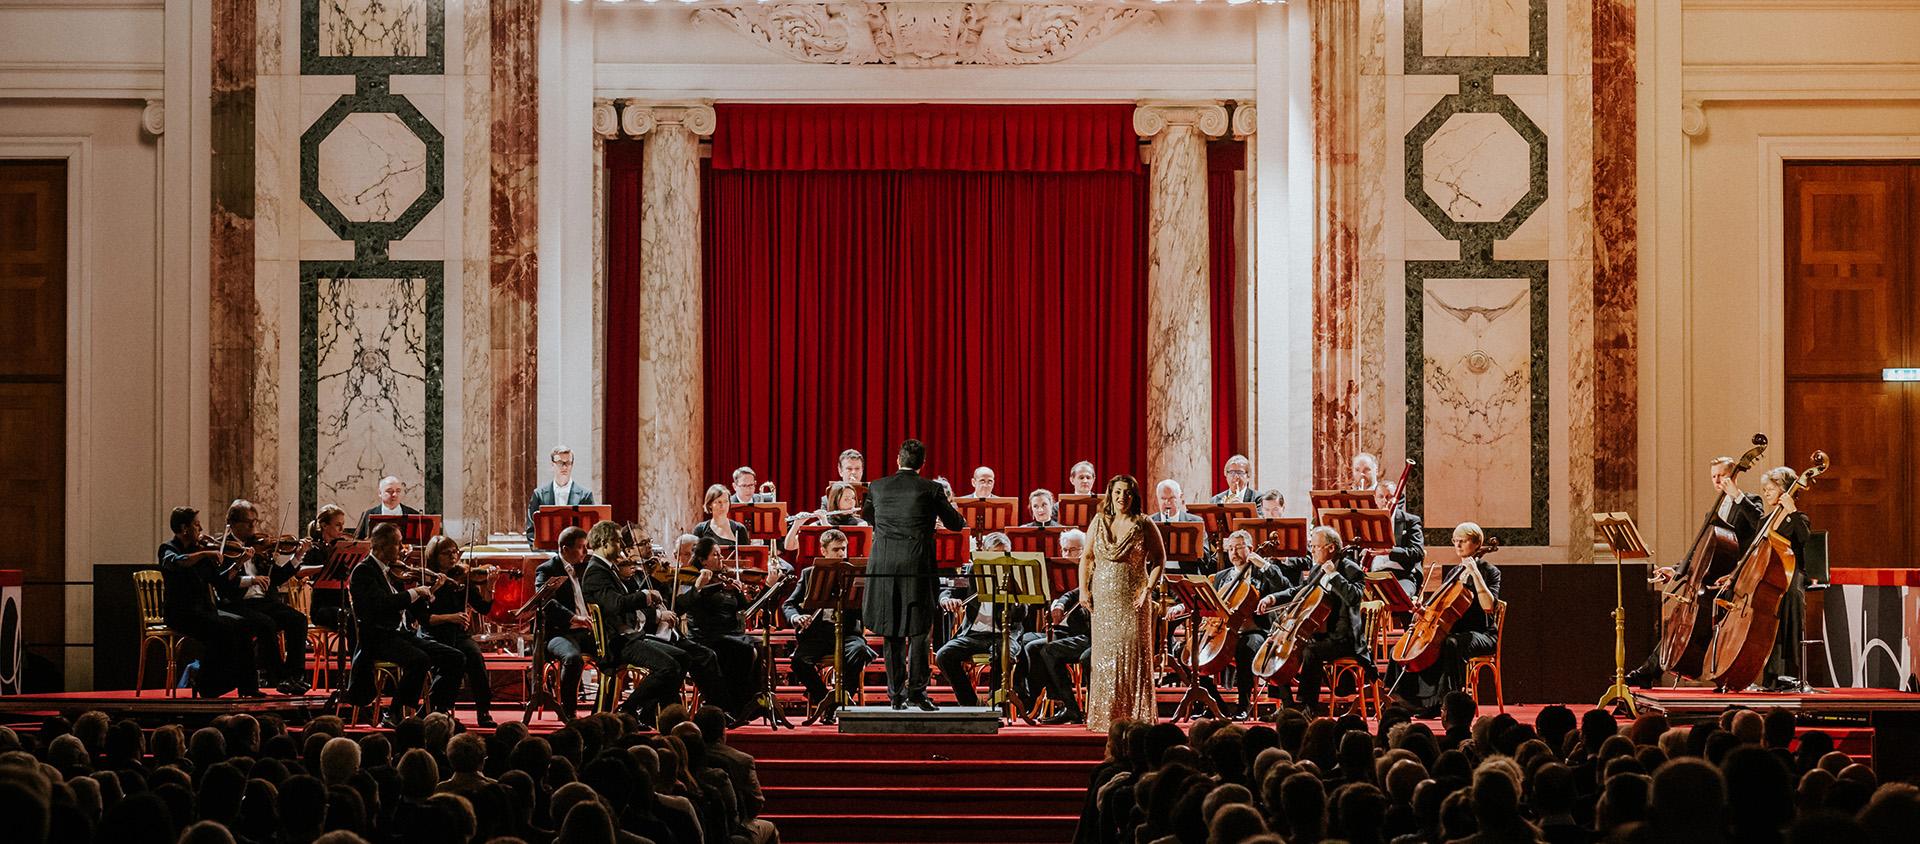 musica classica con Selvana Salmasi nella Sala delle feste della Residenza imperiale Hofburg di Vienna